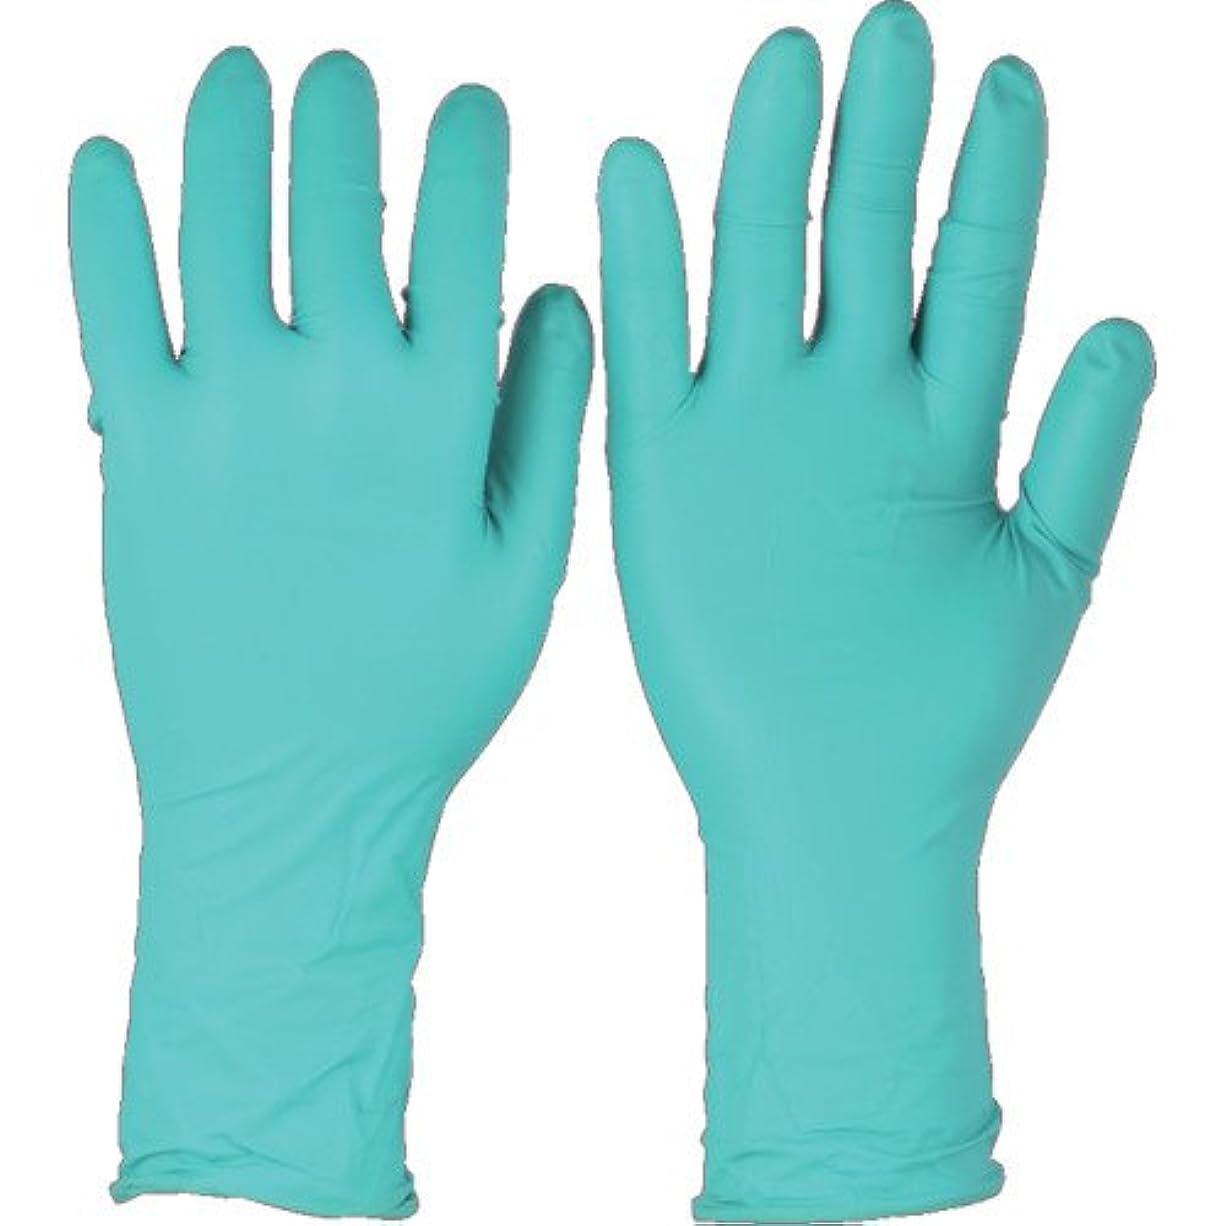 ひどく大胆不敵解釈するトラスコ中山 アンセル ネオプレンゴム使い捨て手袋 マイクロフレックス 93-260 Mサイズ (50枚入)  932608